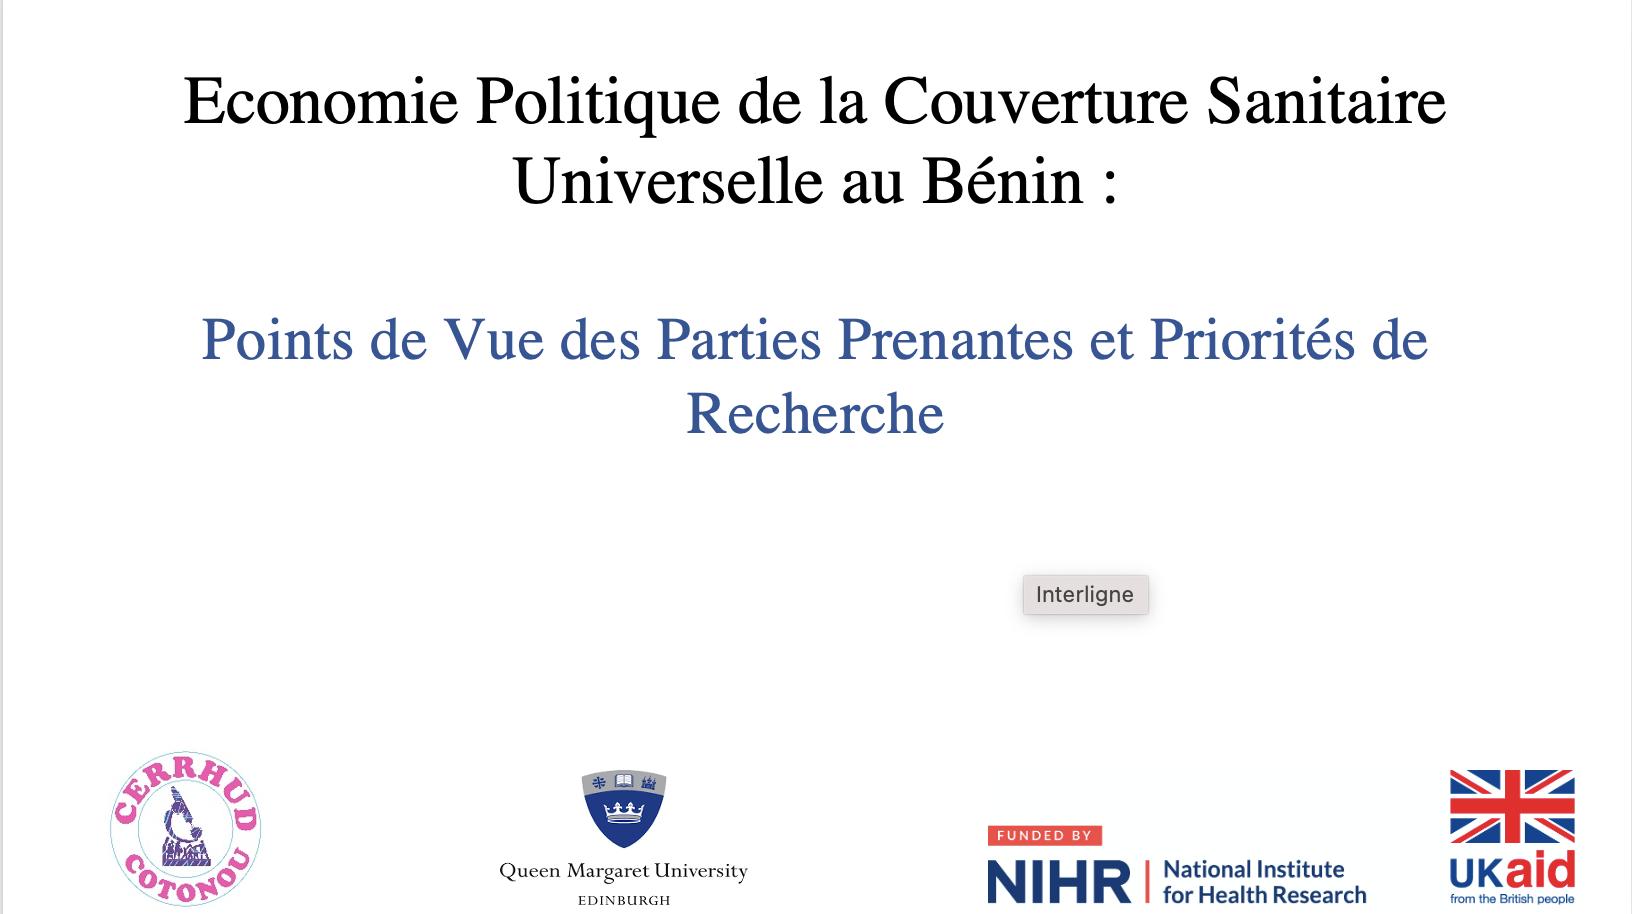 Économie politique de la Couverture Sanitaire Universelle au Bénin